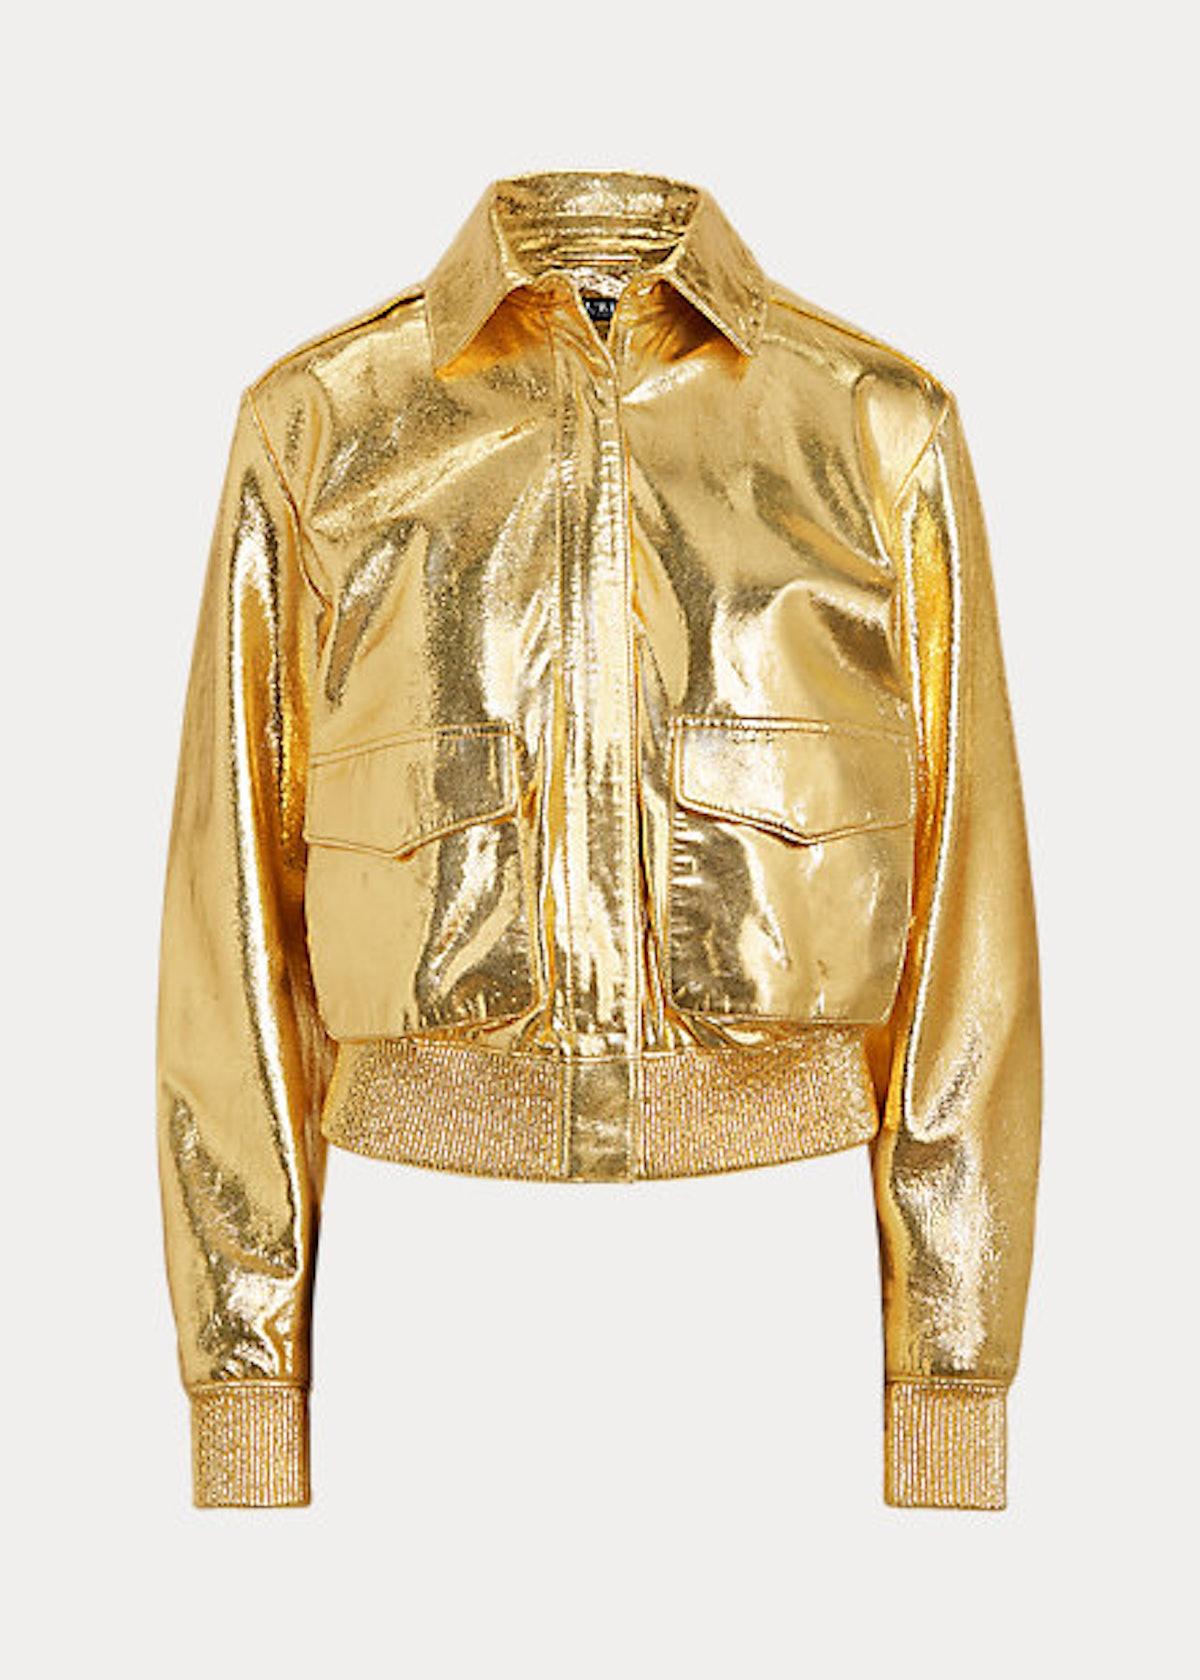 Metallic Leather Bomber Jacket from Lauren Ralph Lauren.